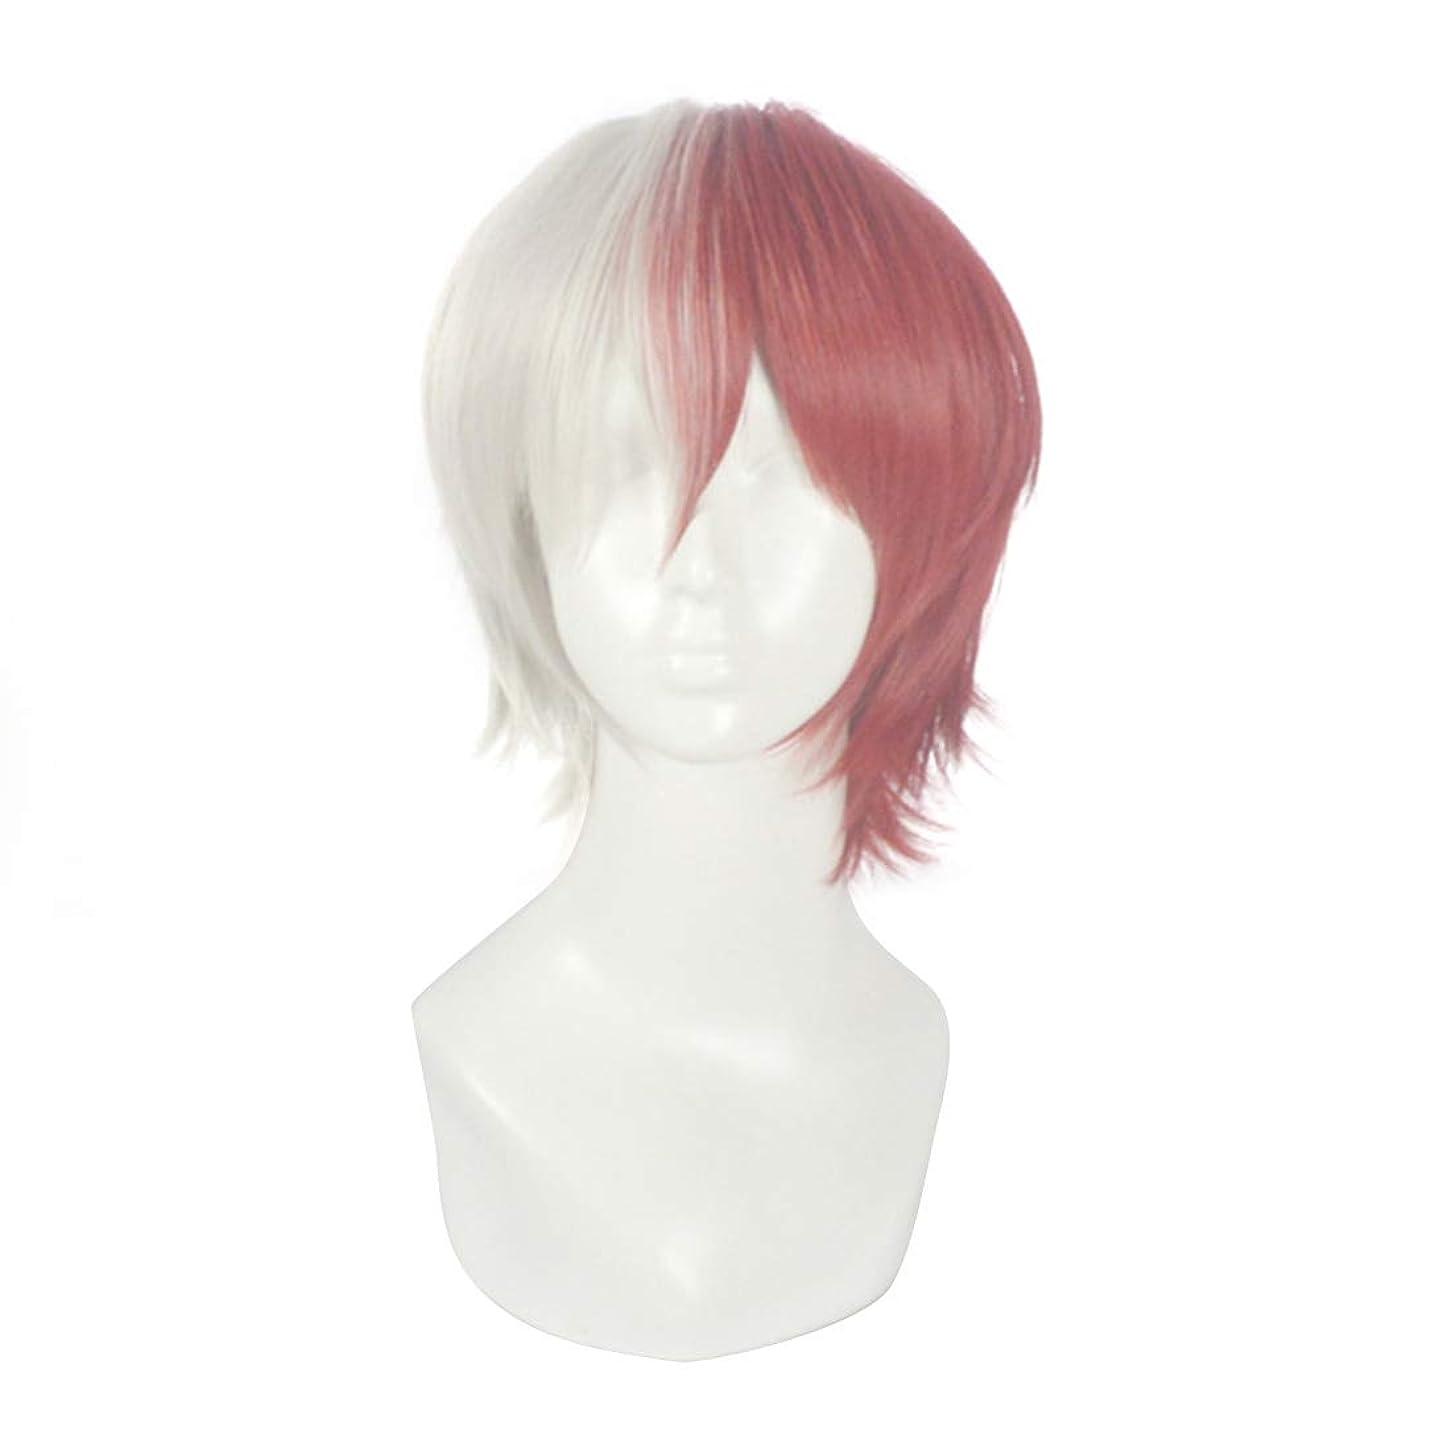 回想乱気流全体Koloeplf アニメコスプレウィッグマイヒーローアカデミーのための2色マイクロボリュームショートヘア (Color : Half silver gray half red)